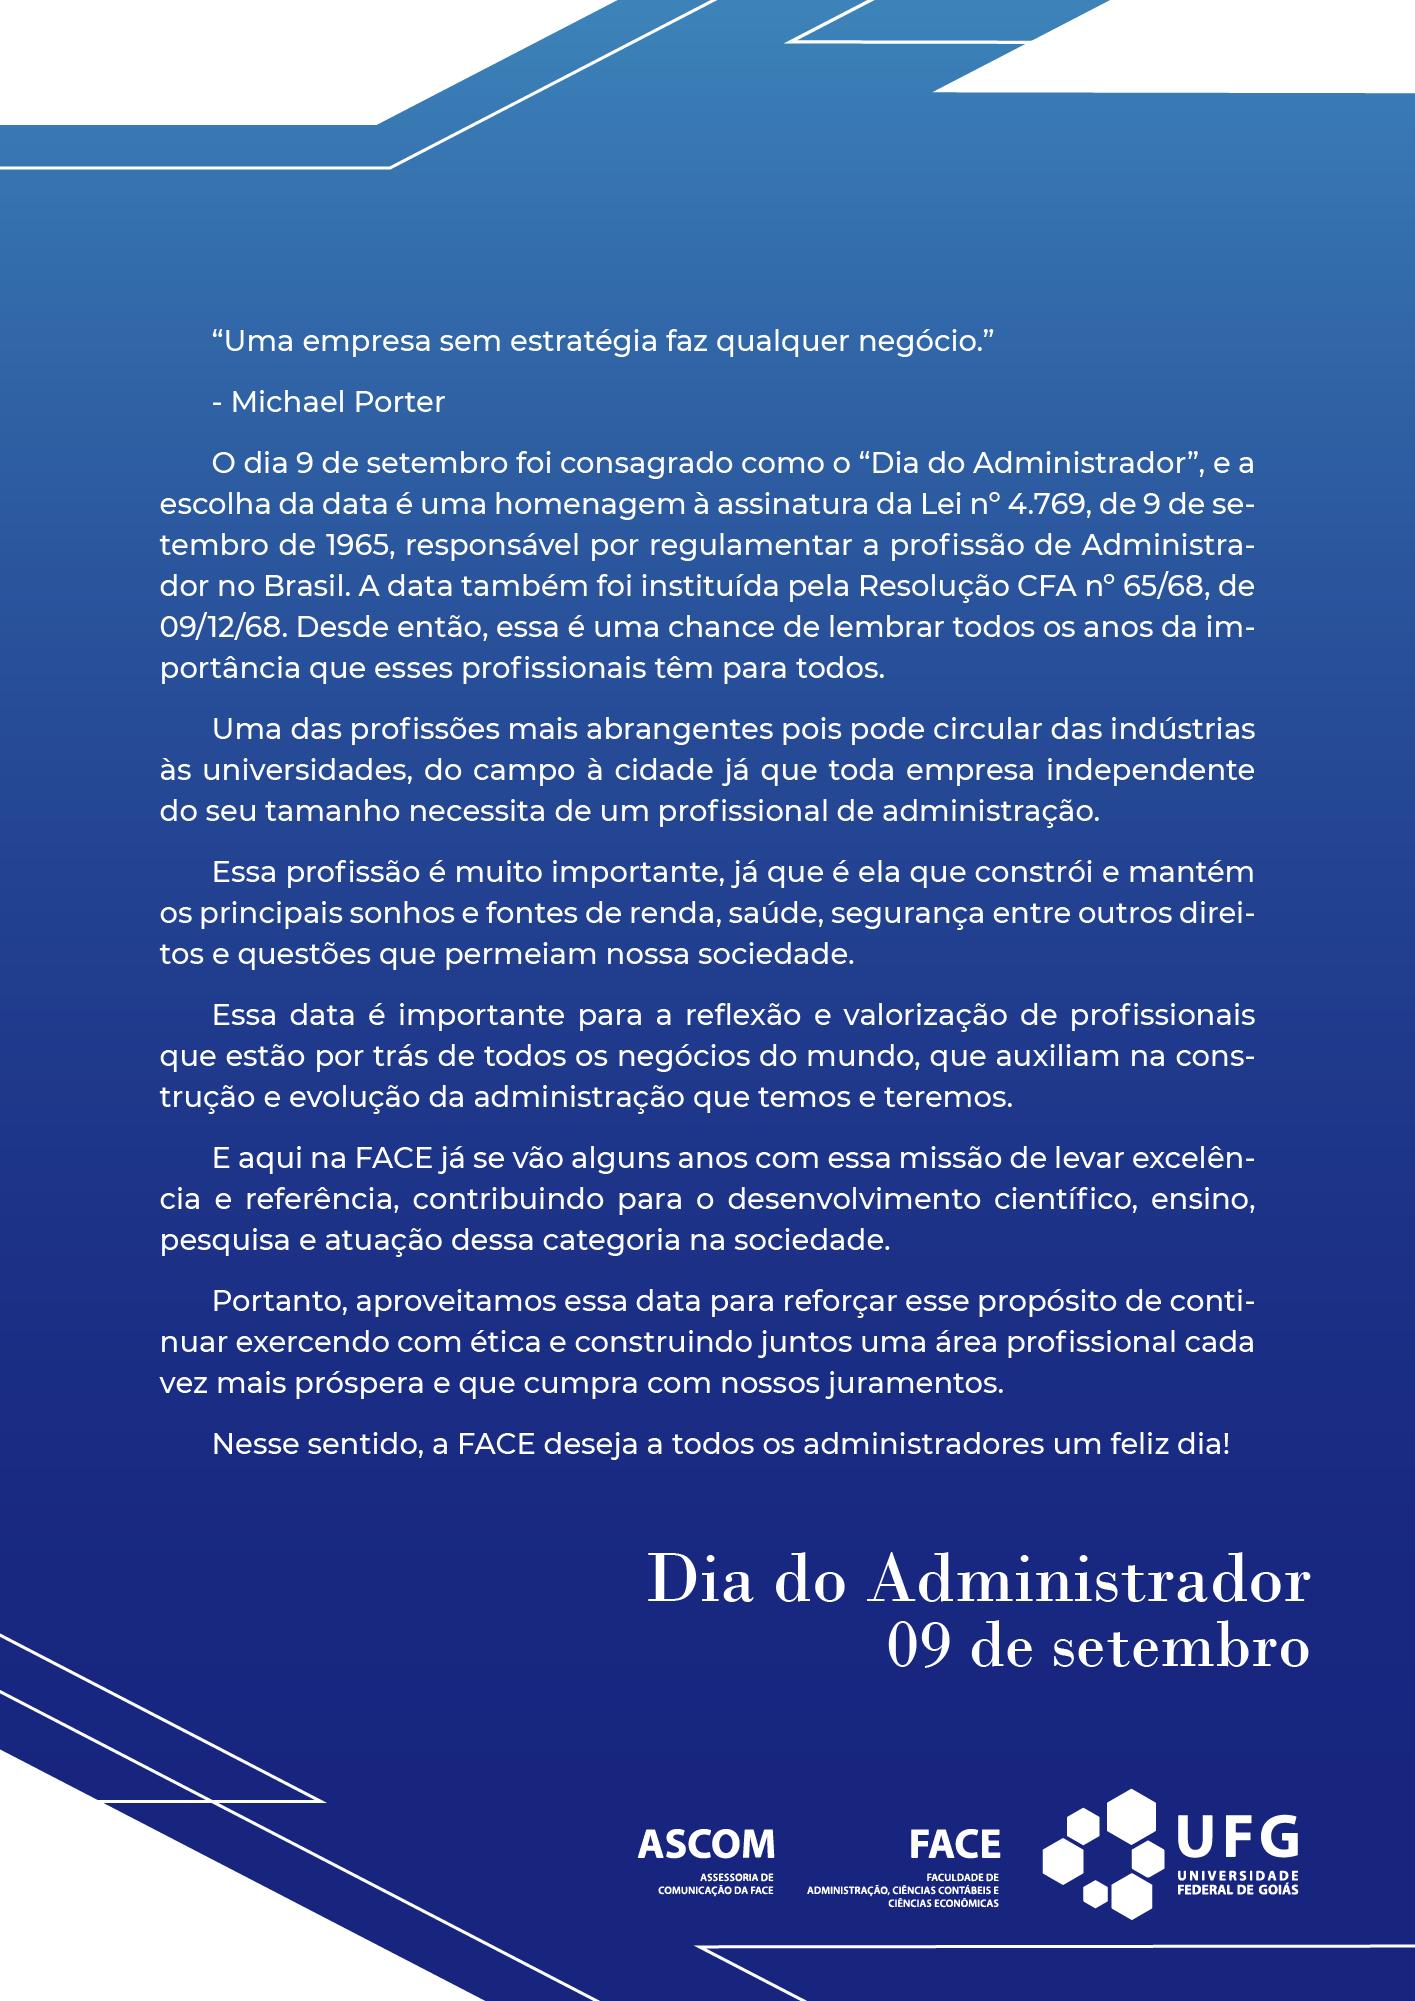 carta da semana do administrador